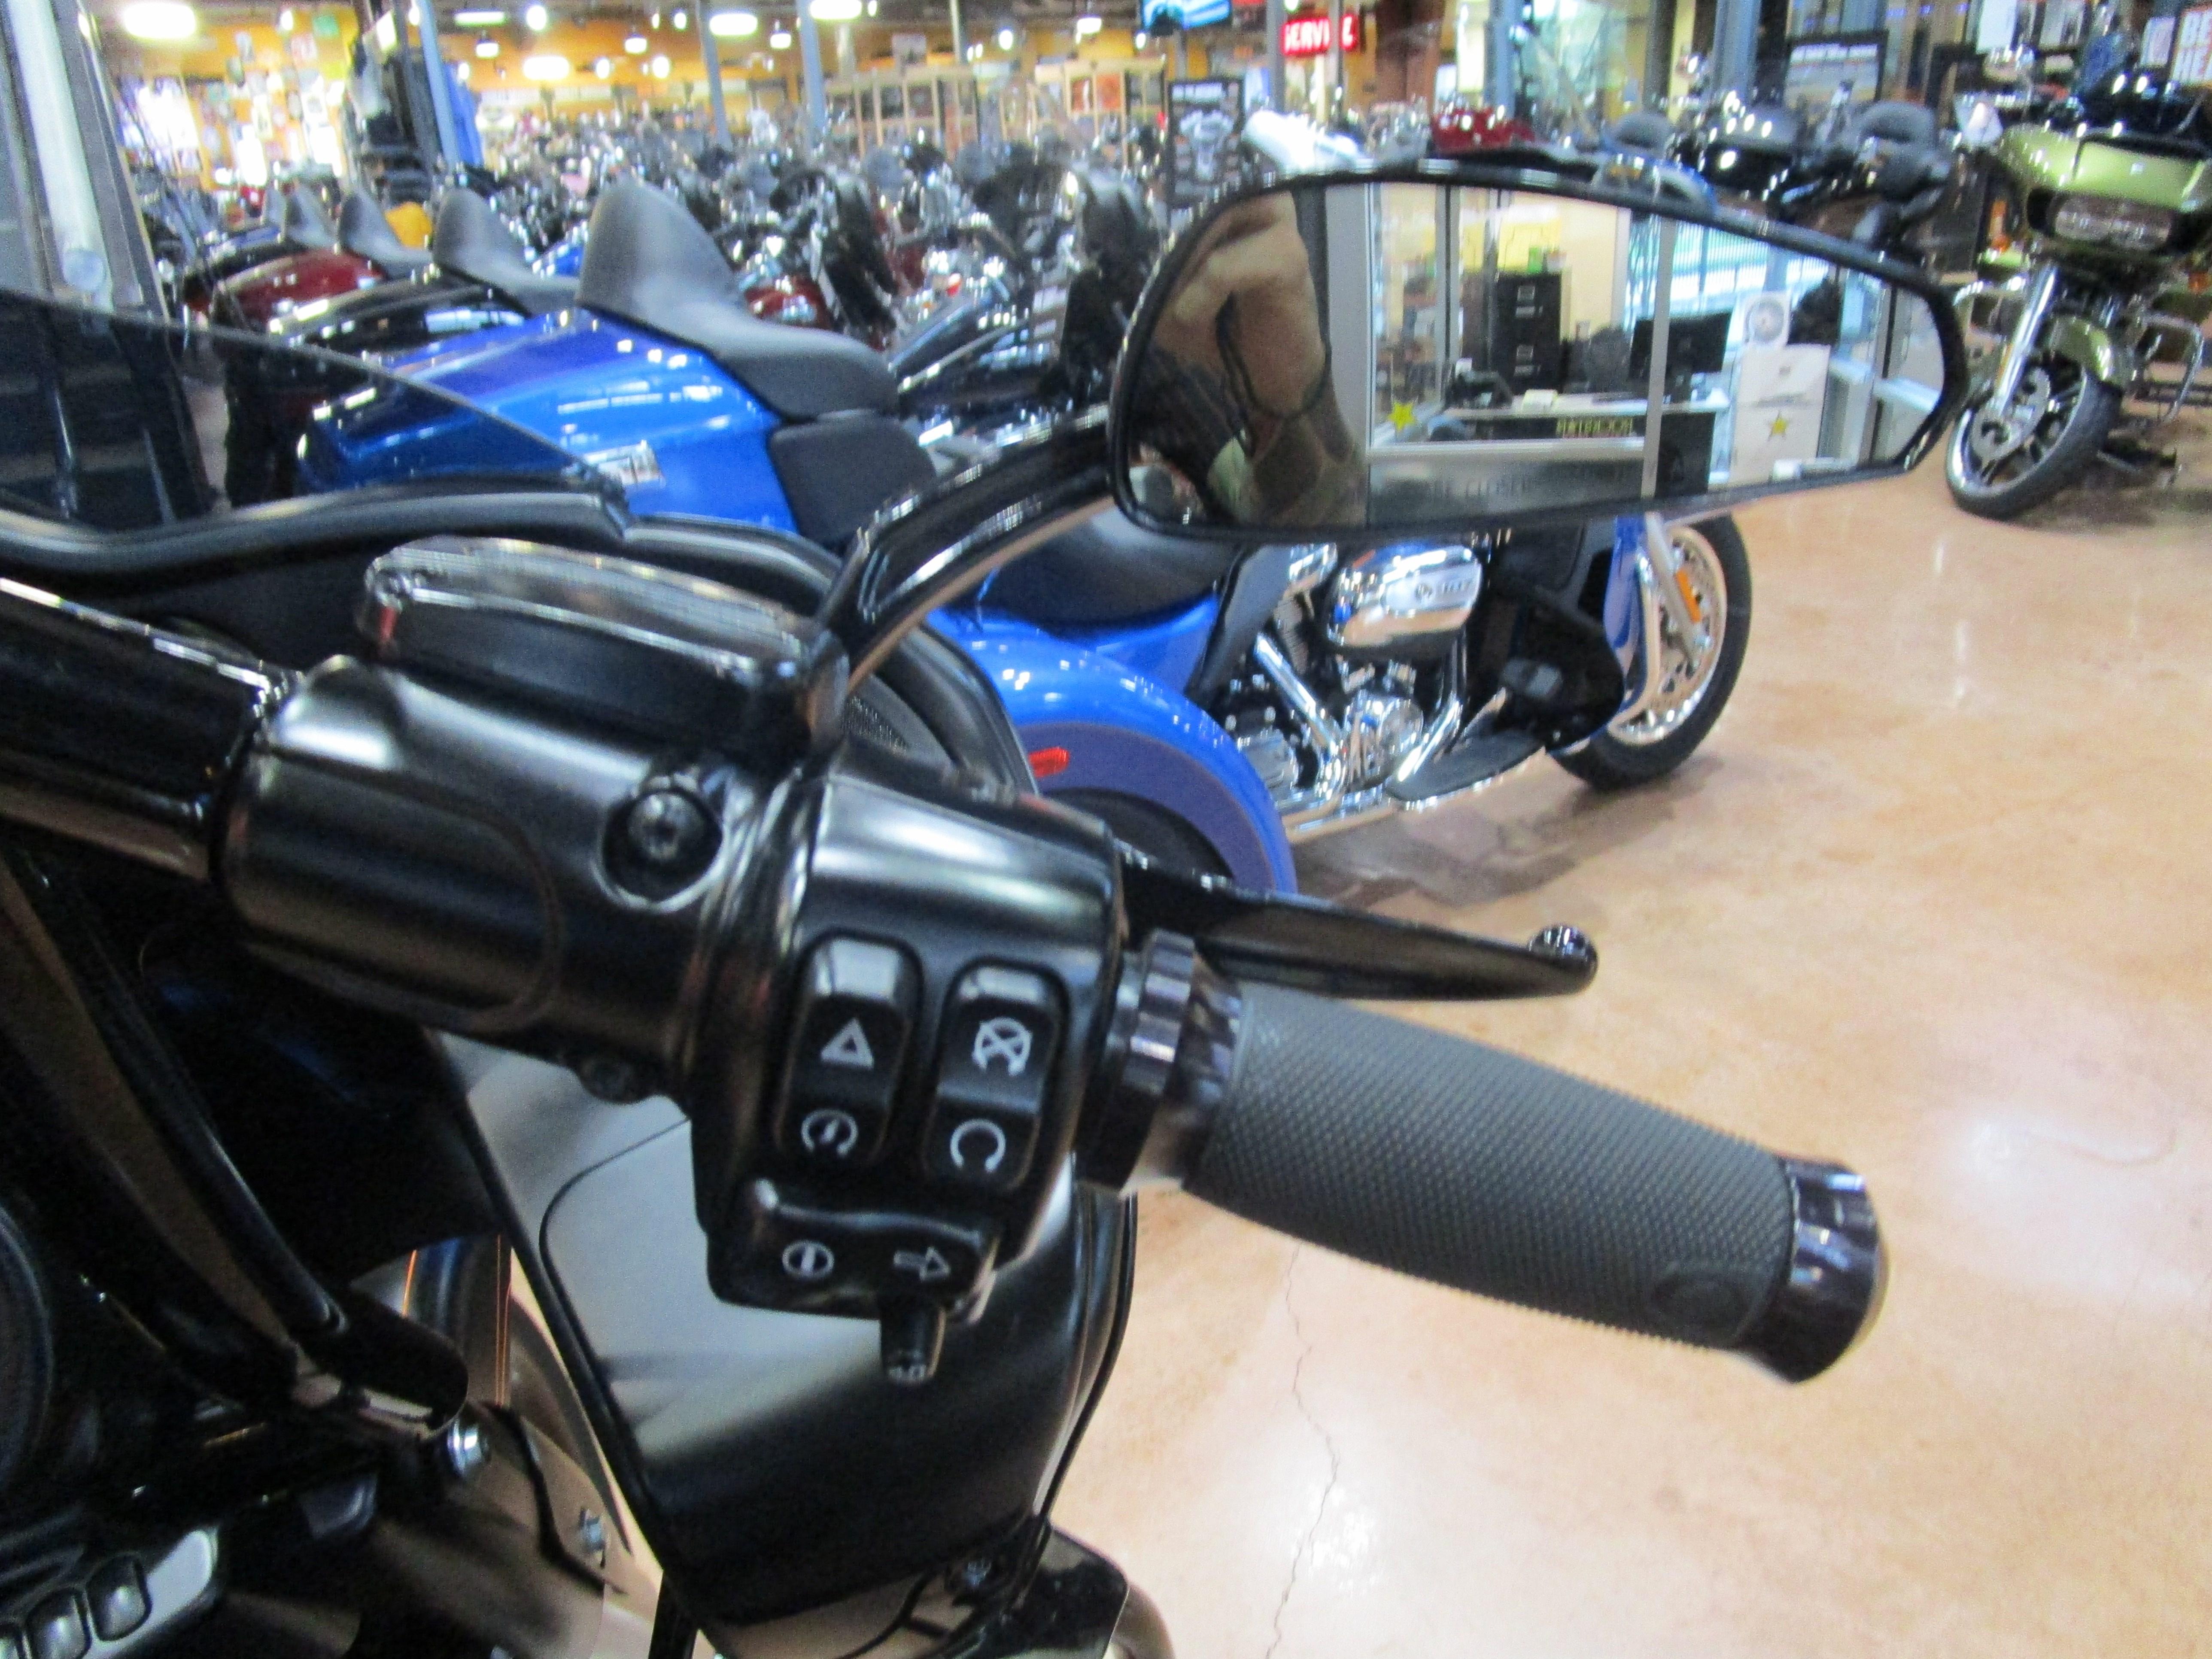 Harley Davidson Motorcycles For Sale San Antonio Tx >> 2015 Harley-Davidson® FLTRXS Road Glide® Special (BLACK DENIM), San Antonio, Texas (670599 ...